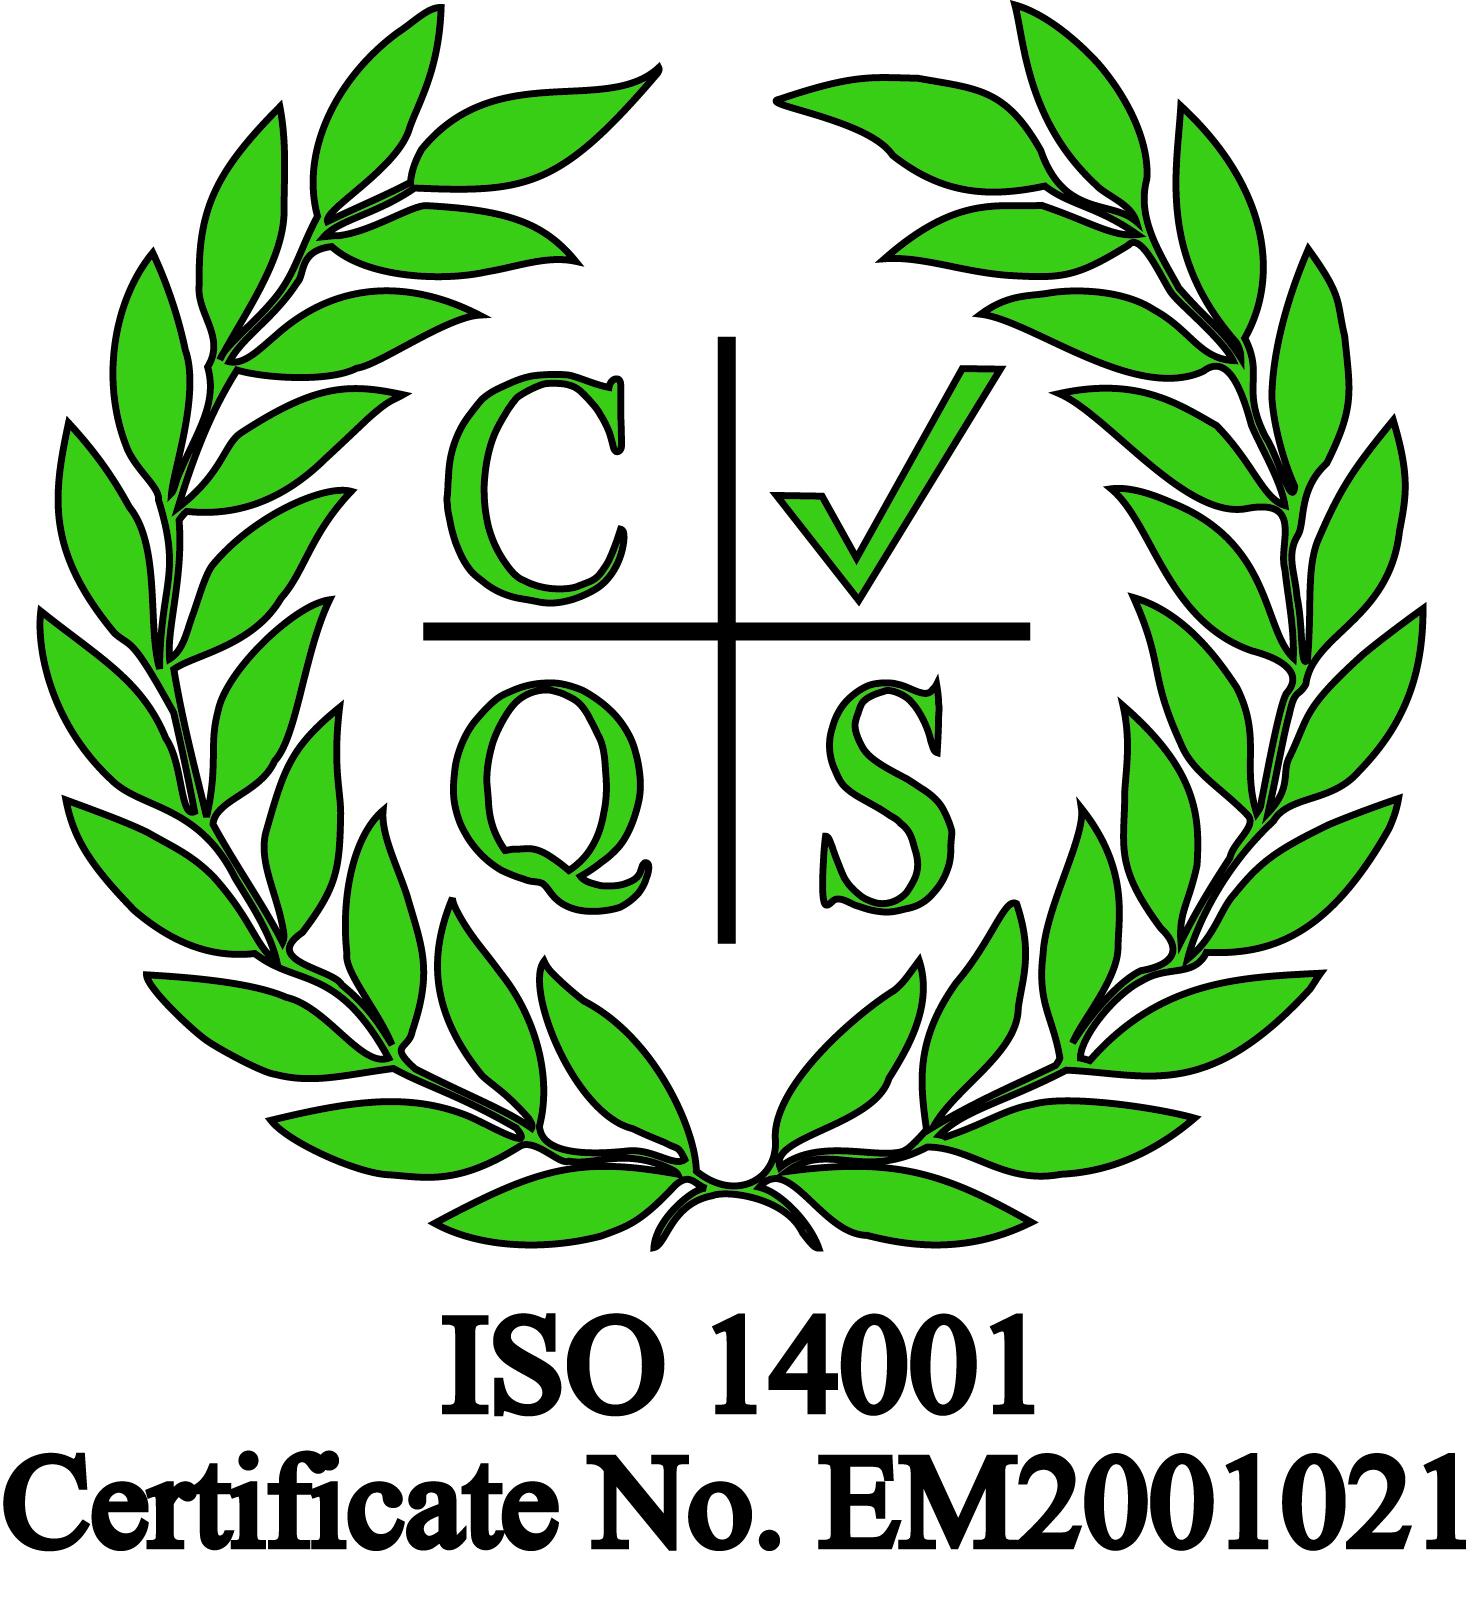 Acota ISO 14001 logo